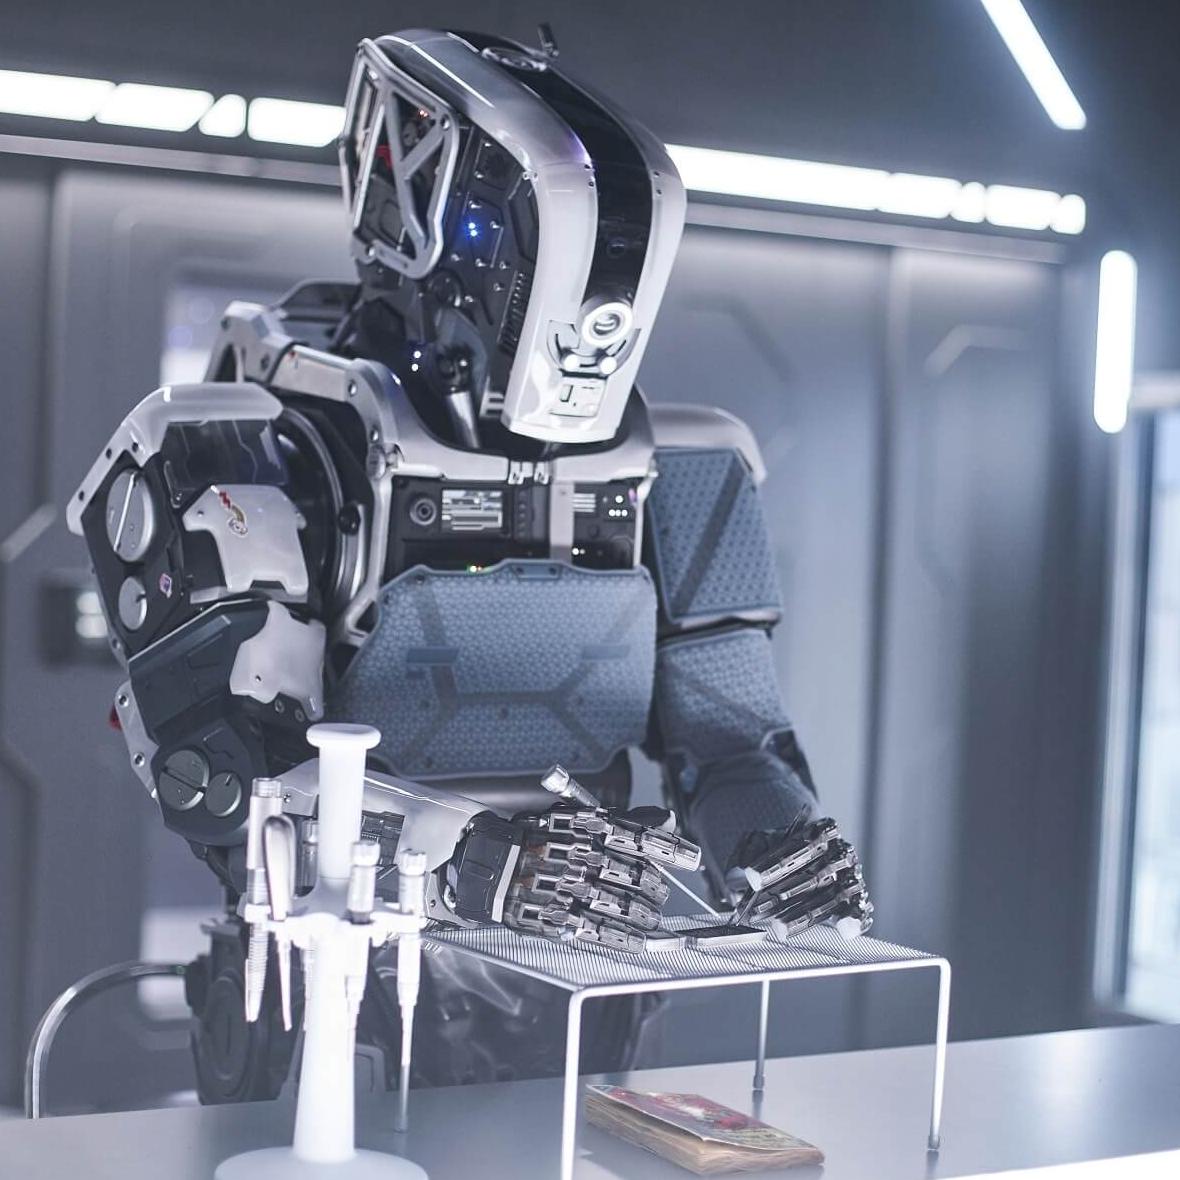 《阿凡達》特效團隊打造 《AI終結戰》機器人演員竟「近在眼前」